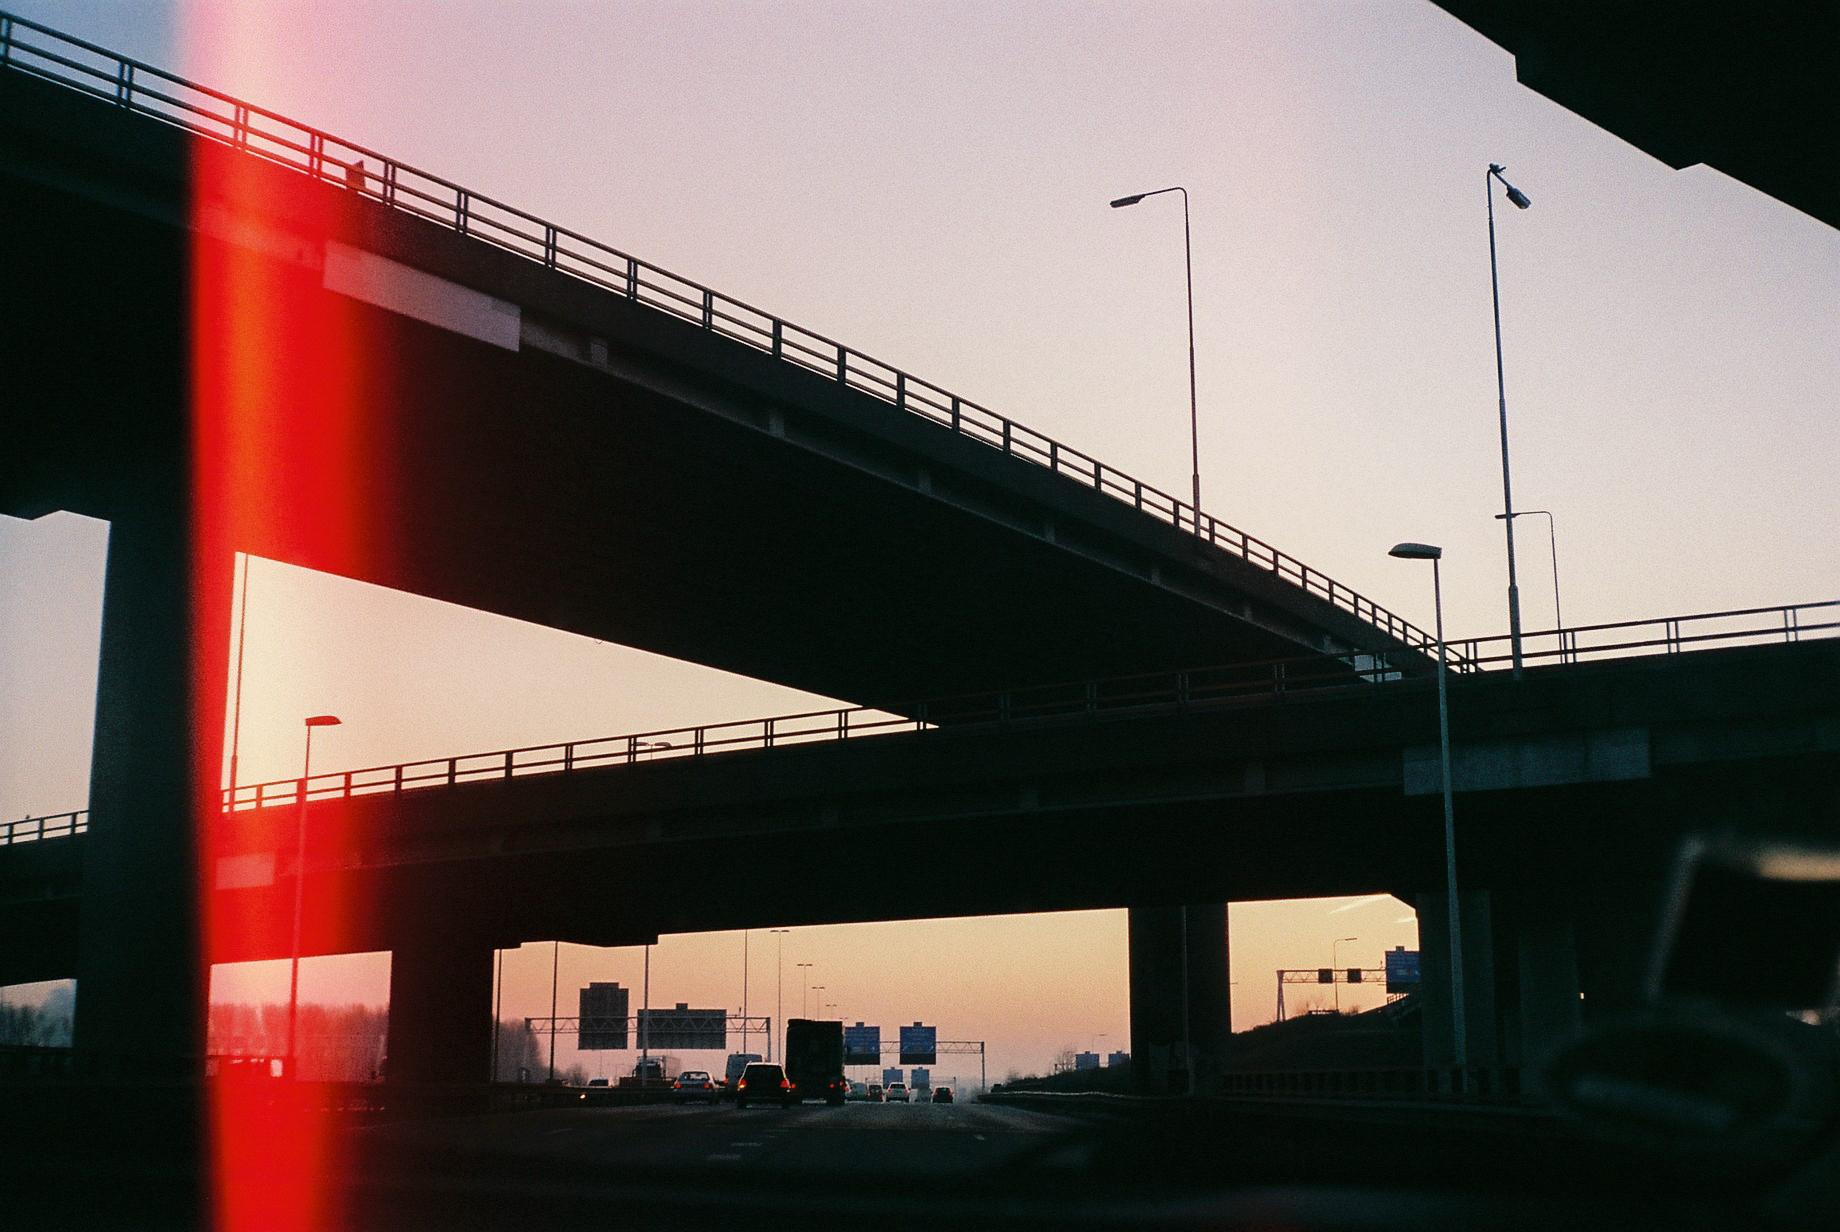 snelweg-analoog-35mm